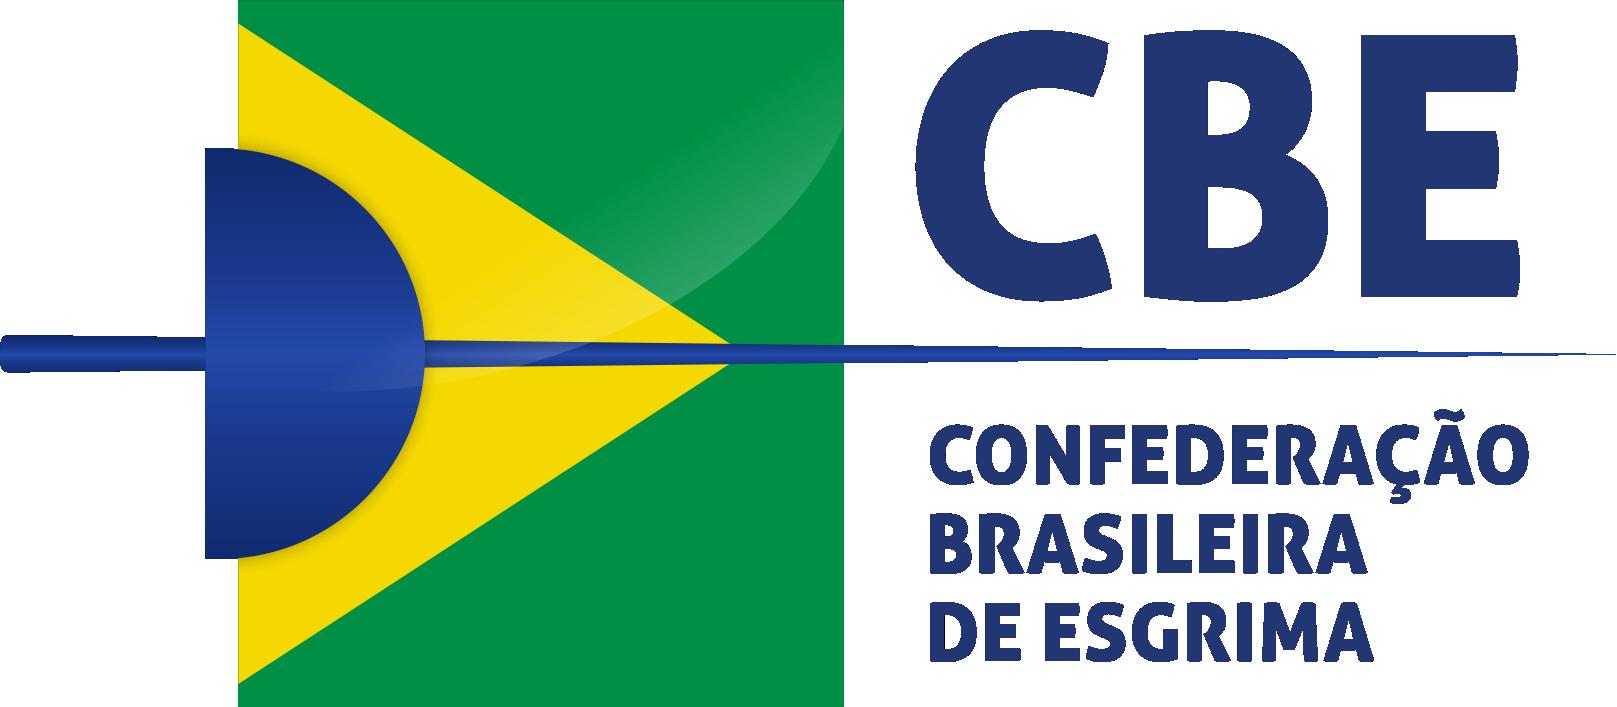 Confederação Brasileira de Esgrima - CBE